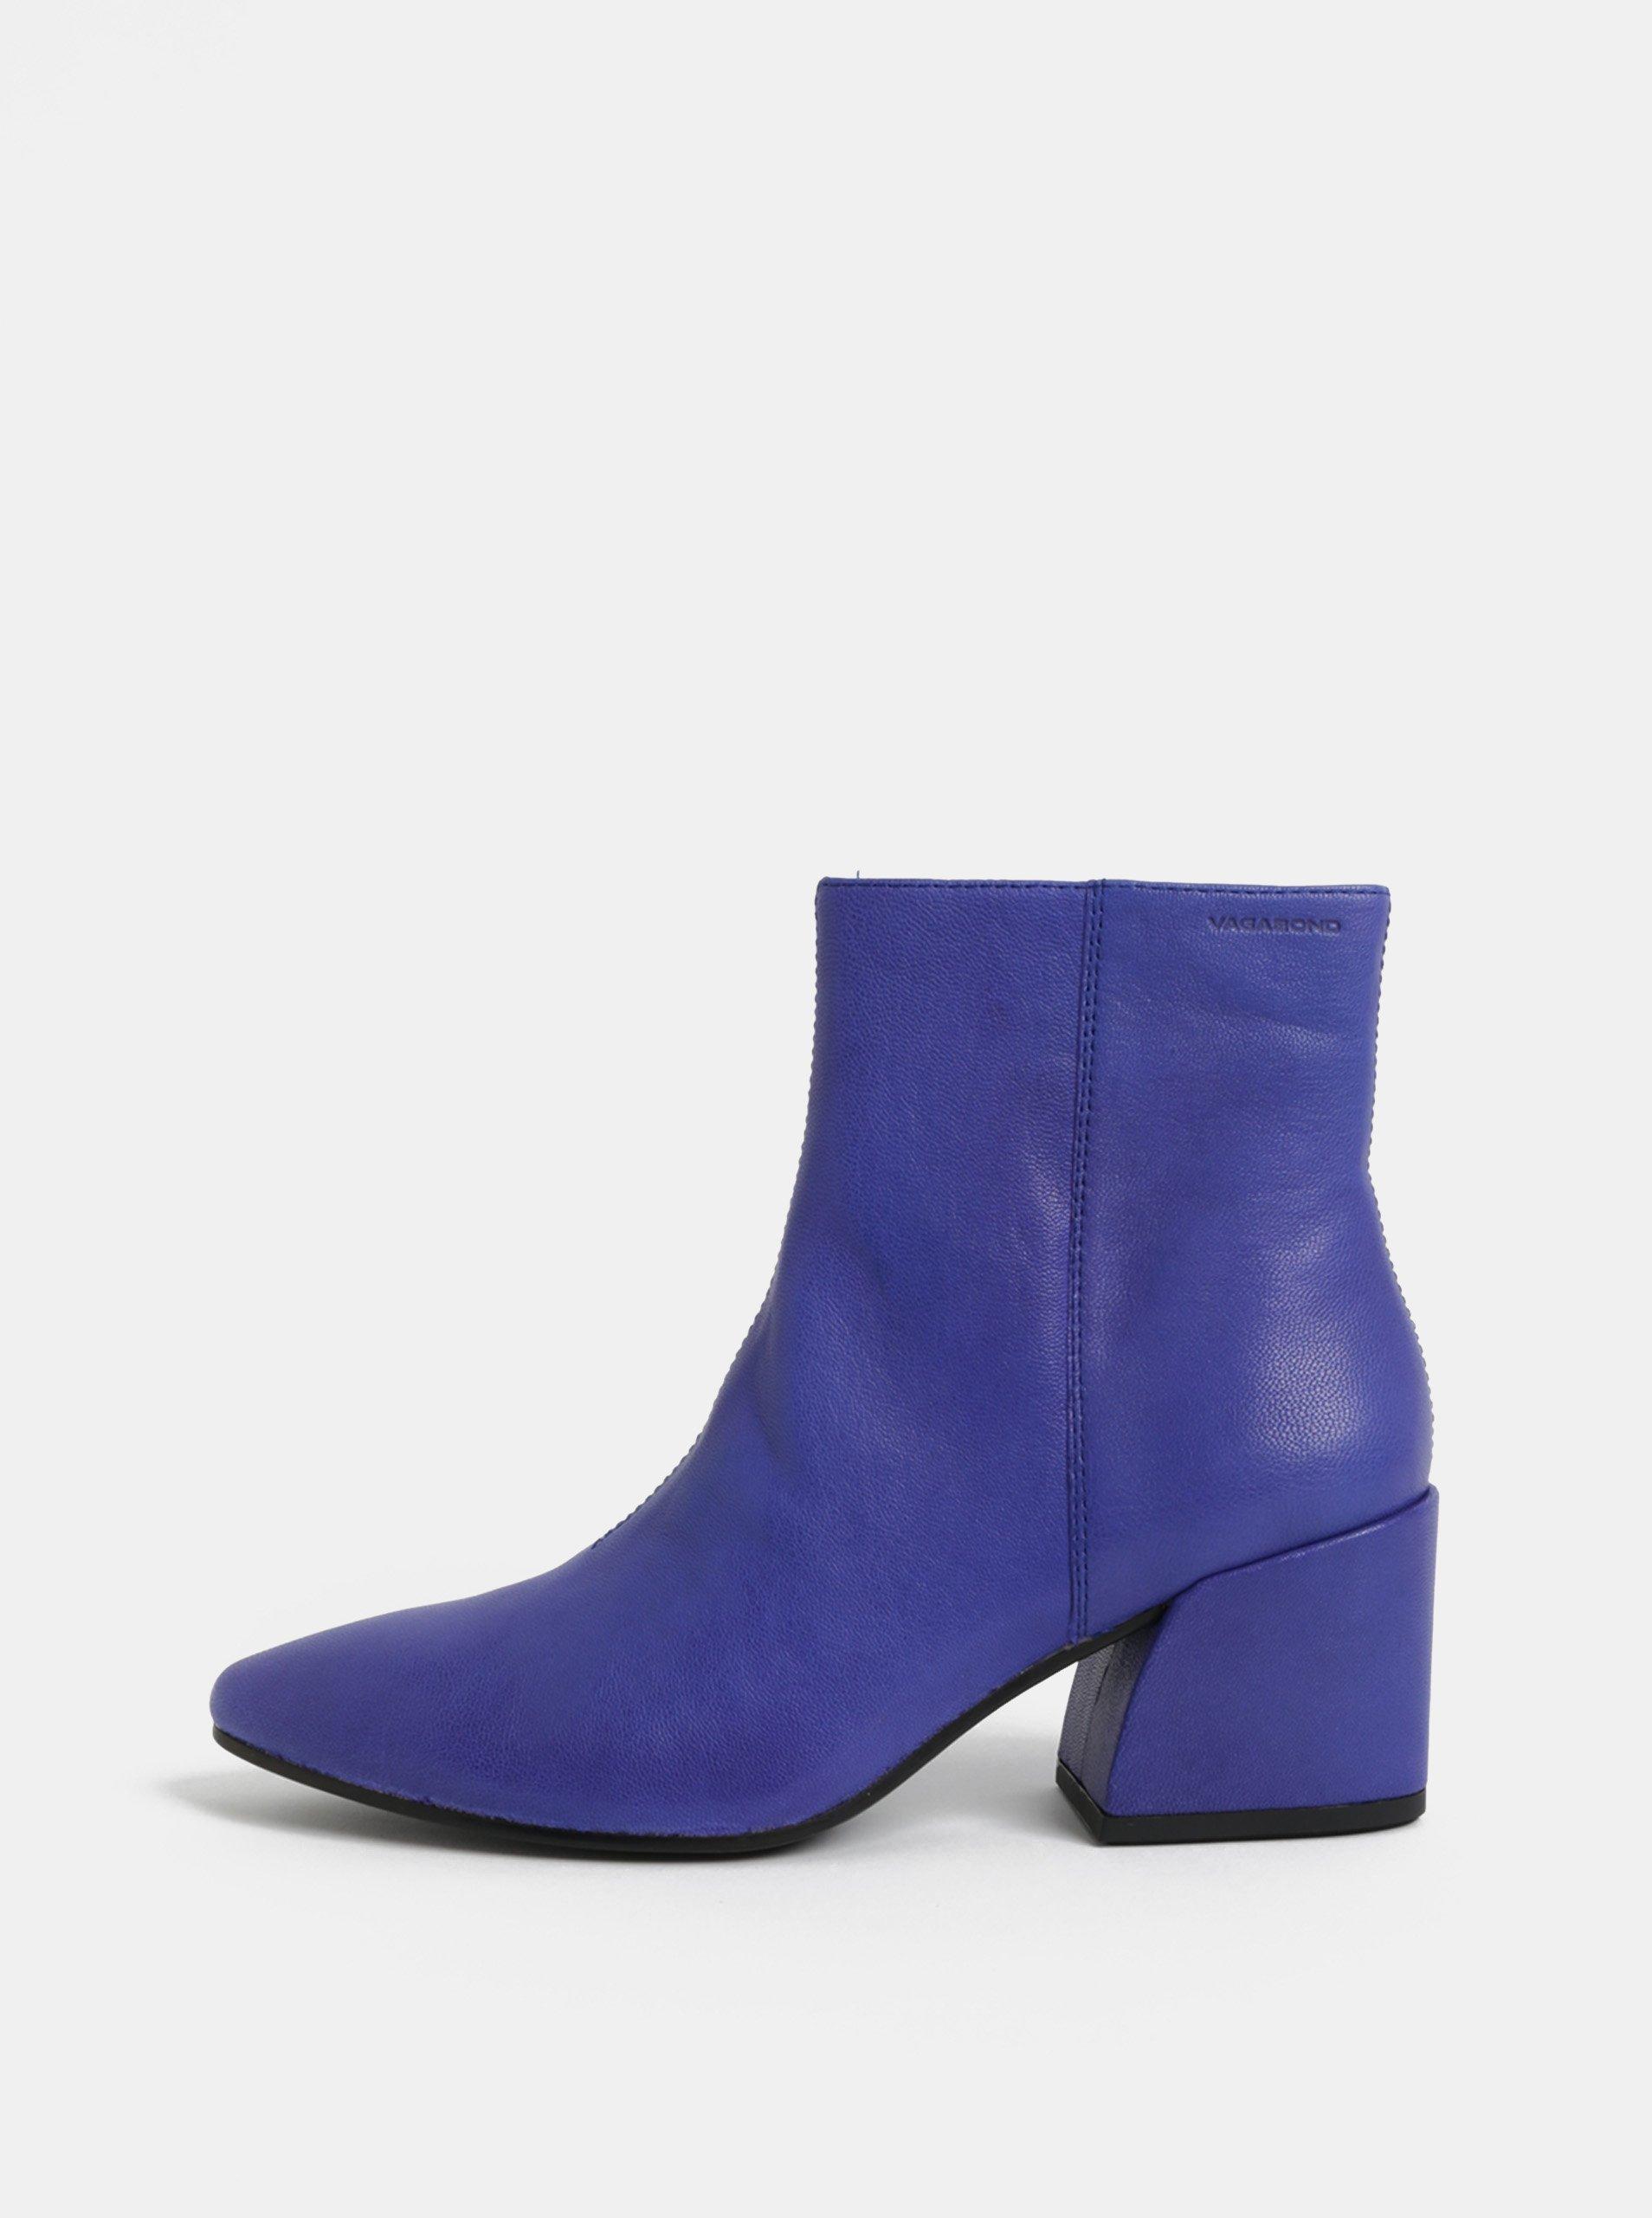 Modré dámské kožené kotníkové boty na podpatku Vagabond Olivia